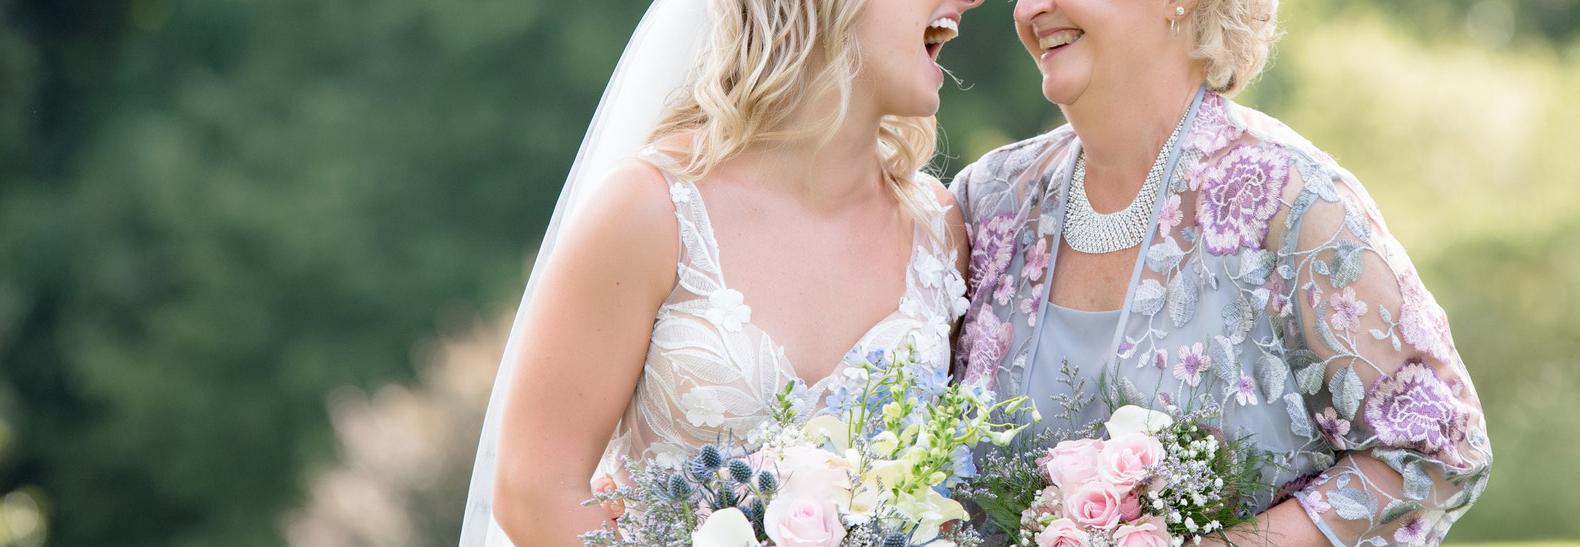 alcune tendenze matrimonio che scandalizzeranno tua madre